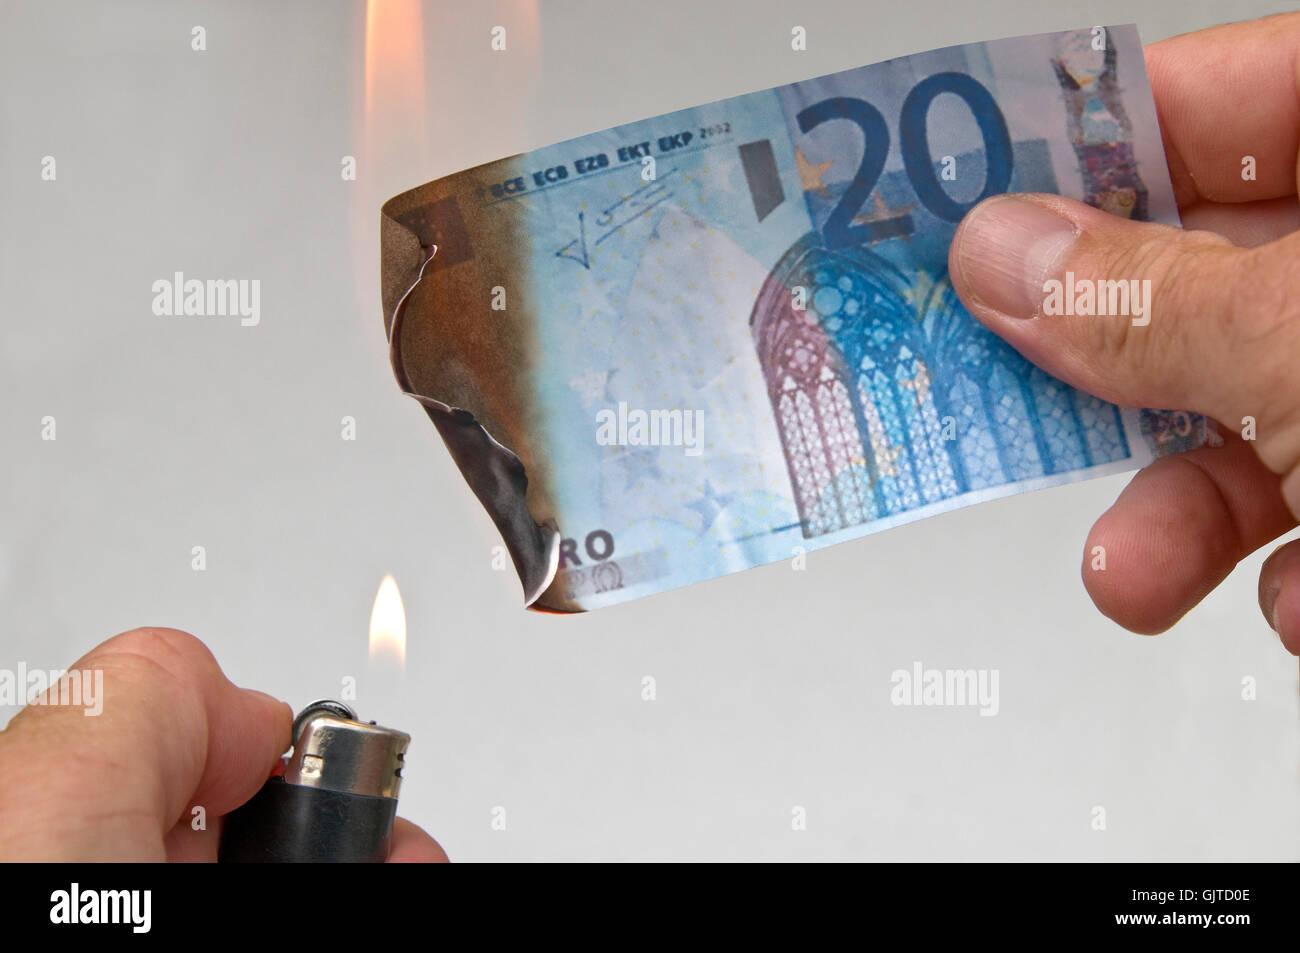 symbolic euro symbolism - Stock Image